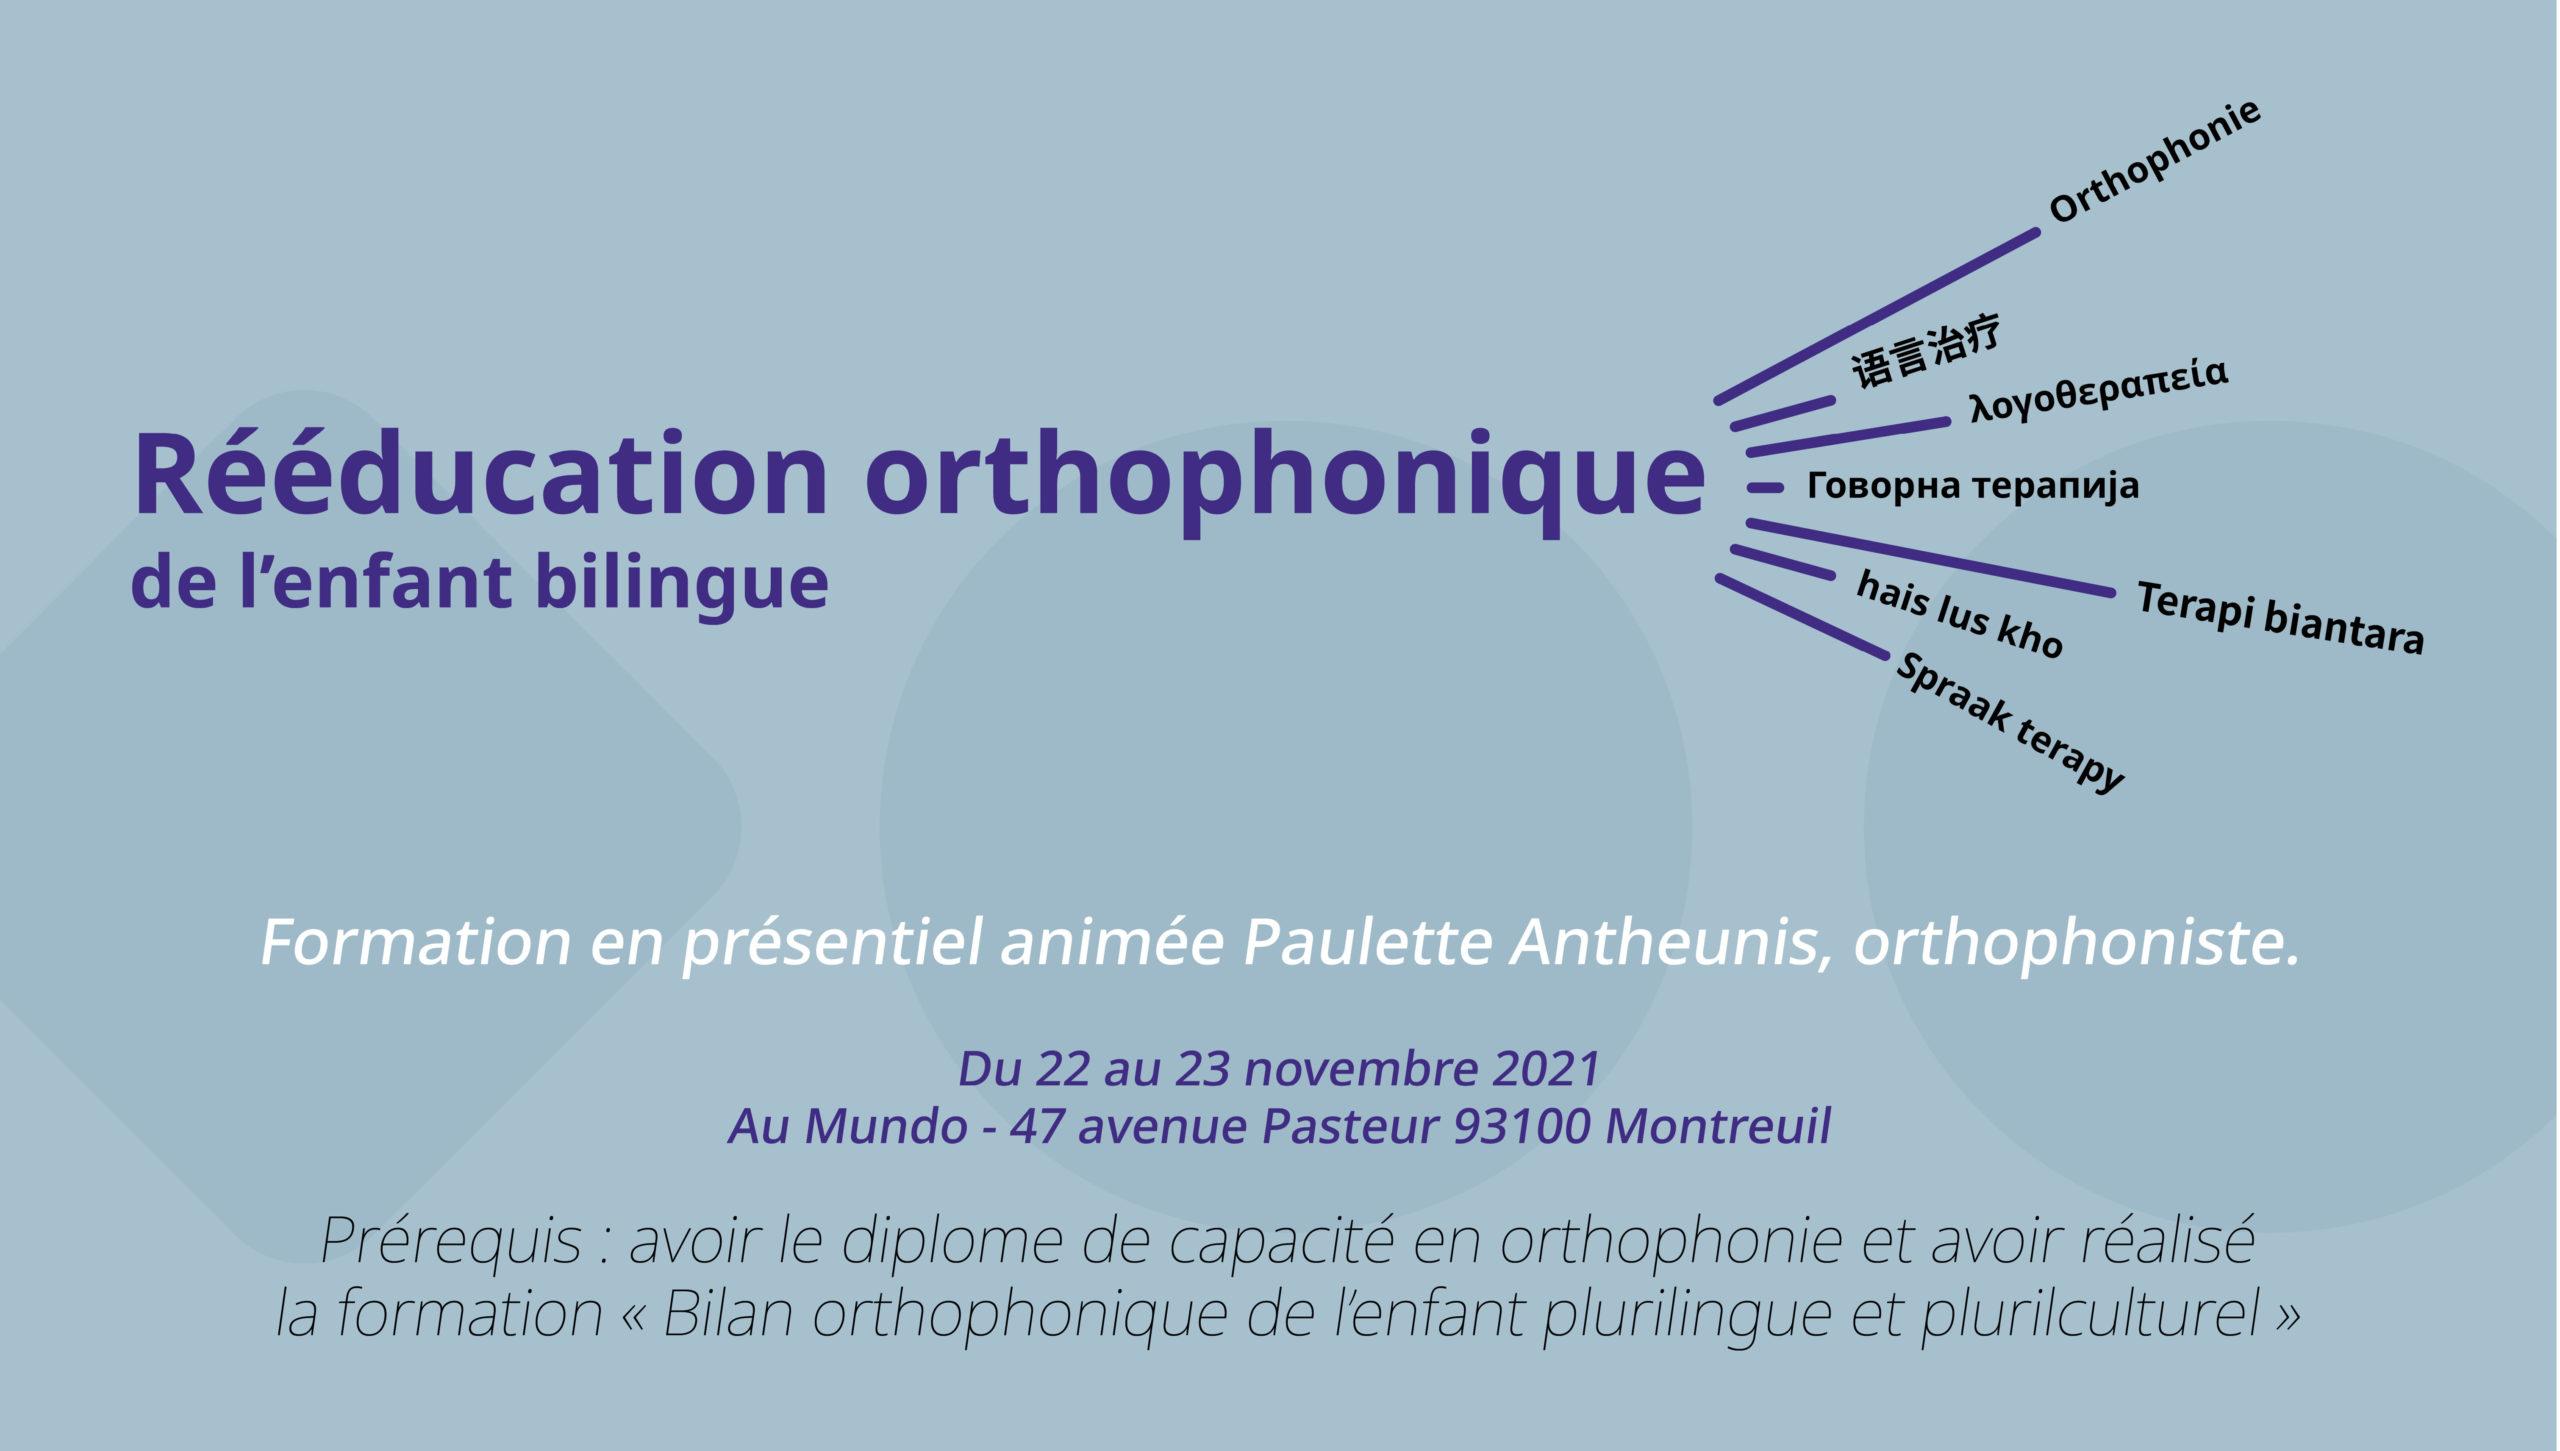 Rééducation orthophonique  de l'enfant bilingue